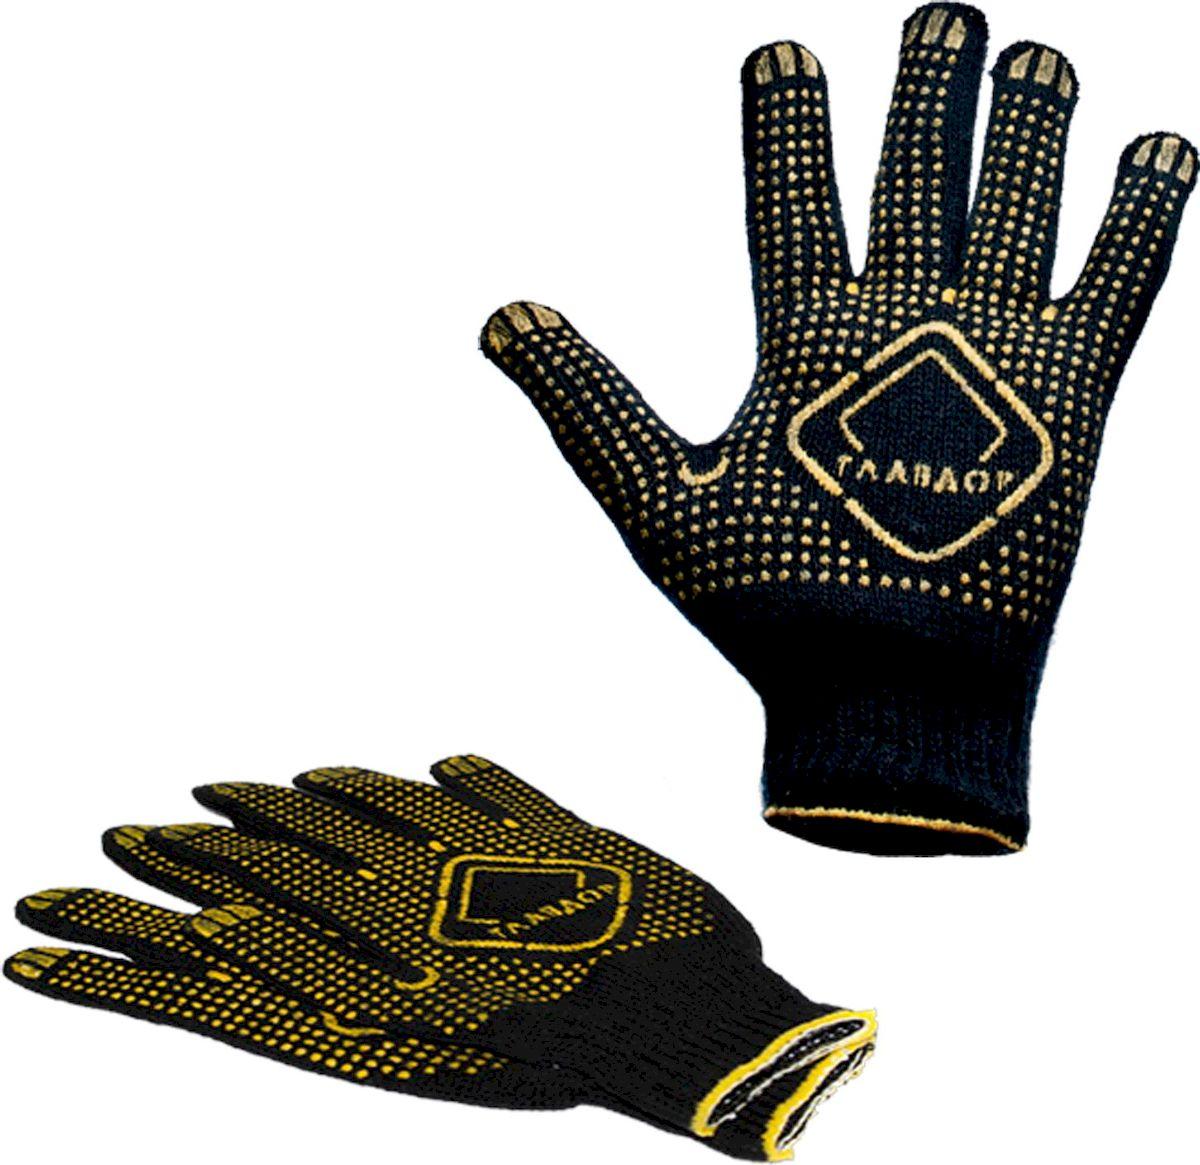 Перчатки защитные Главдор, цвет: черный. GL-44